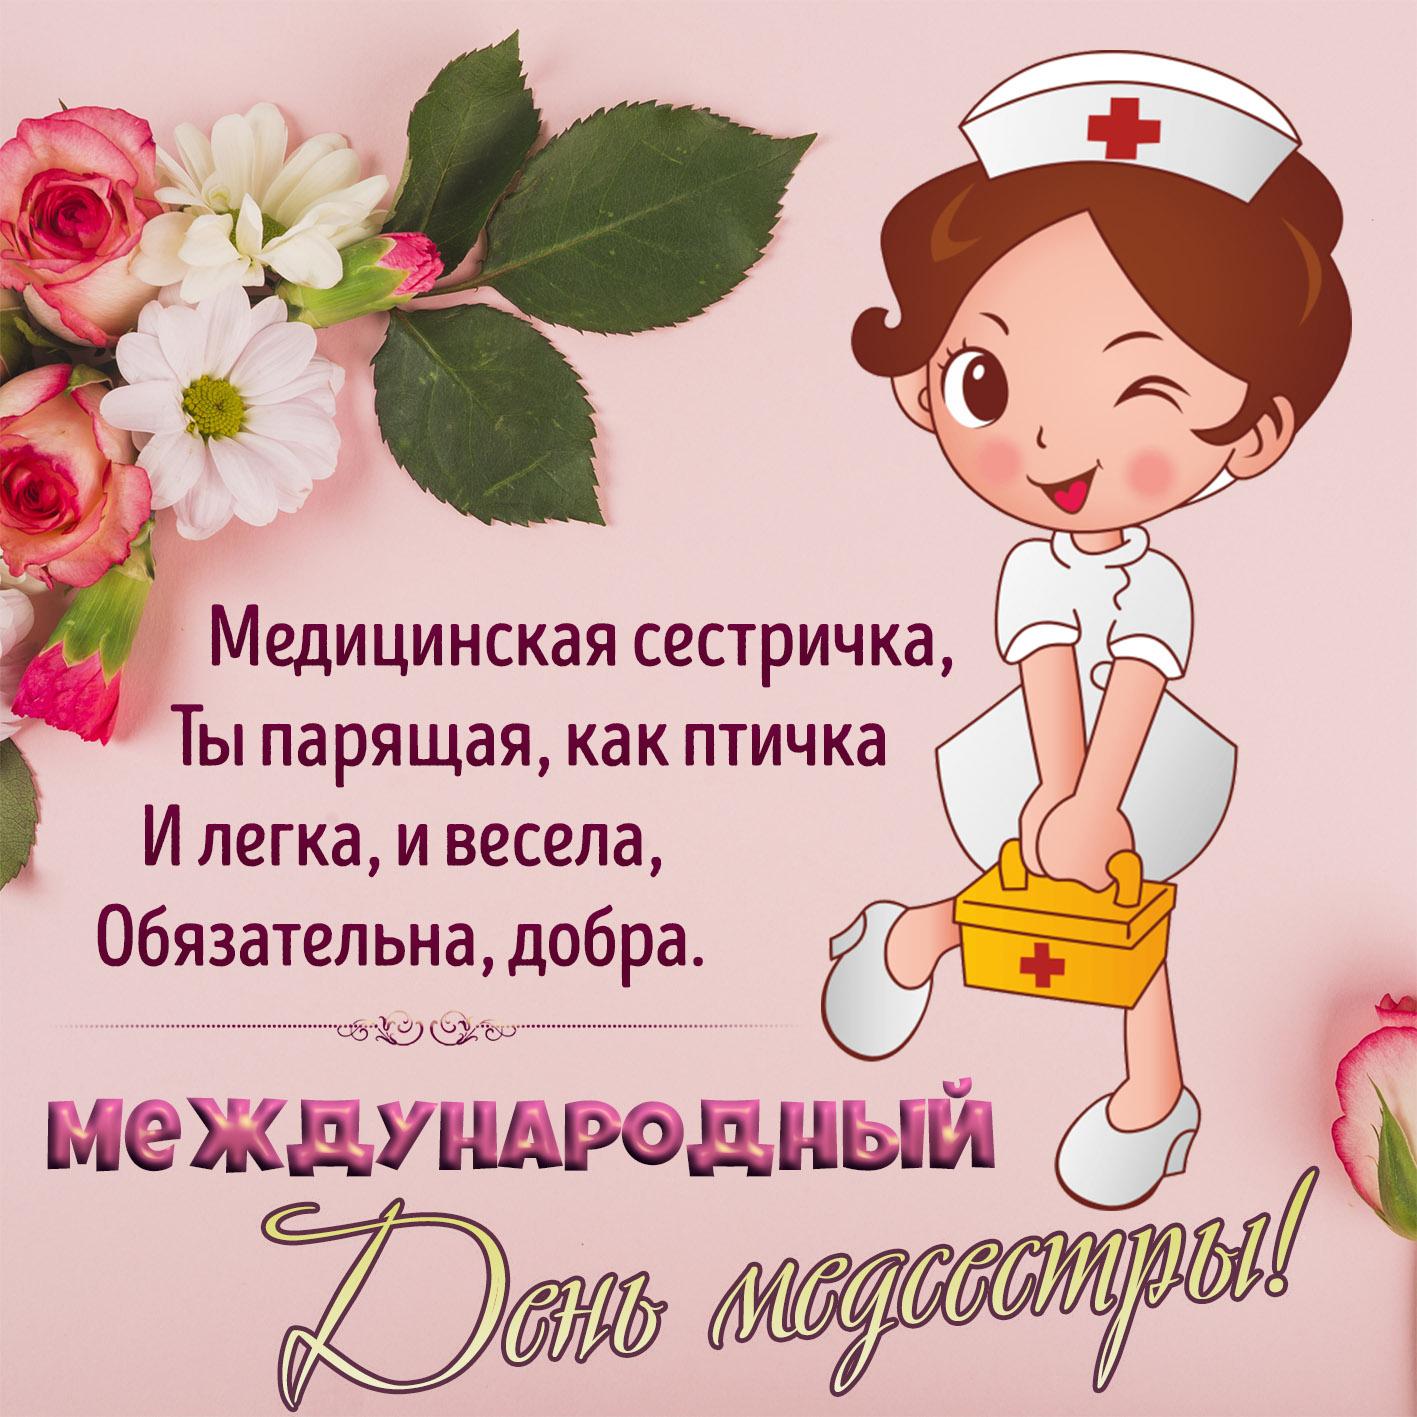 День медицинского сестры картинки